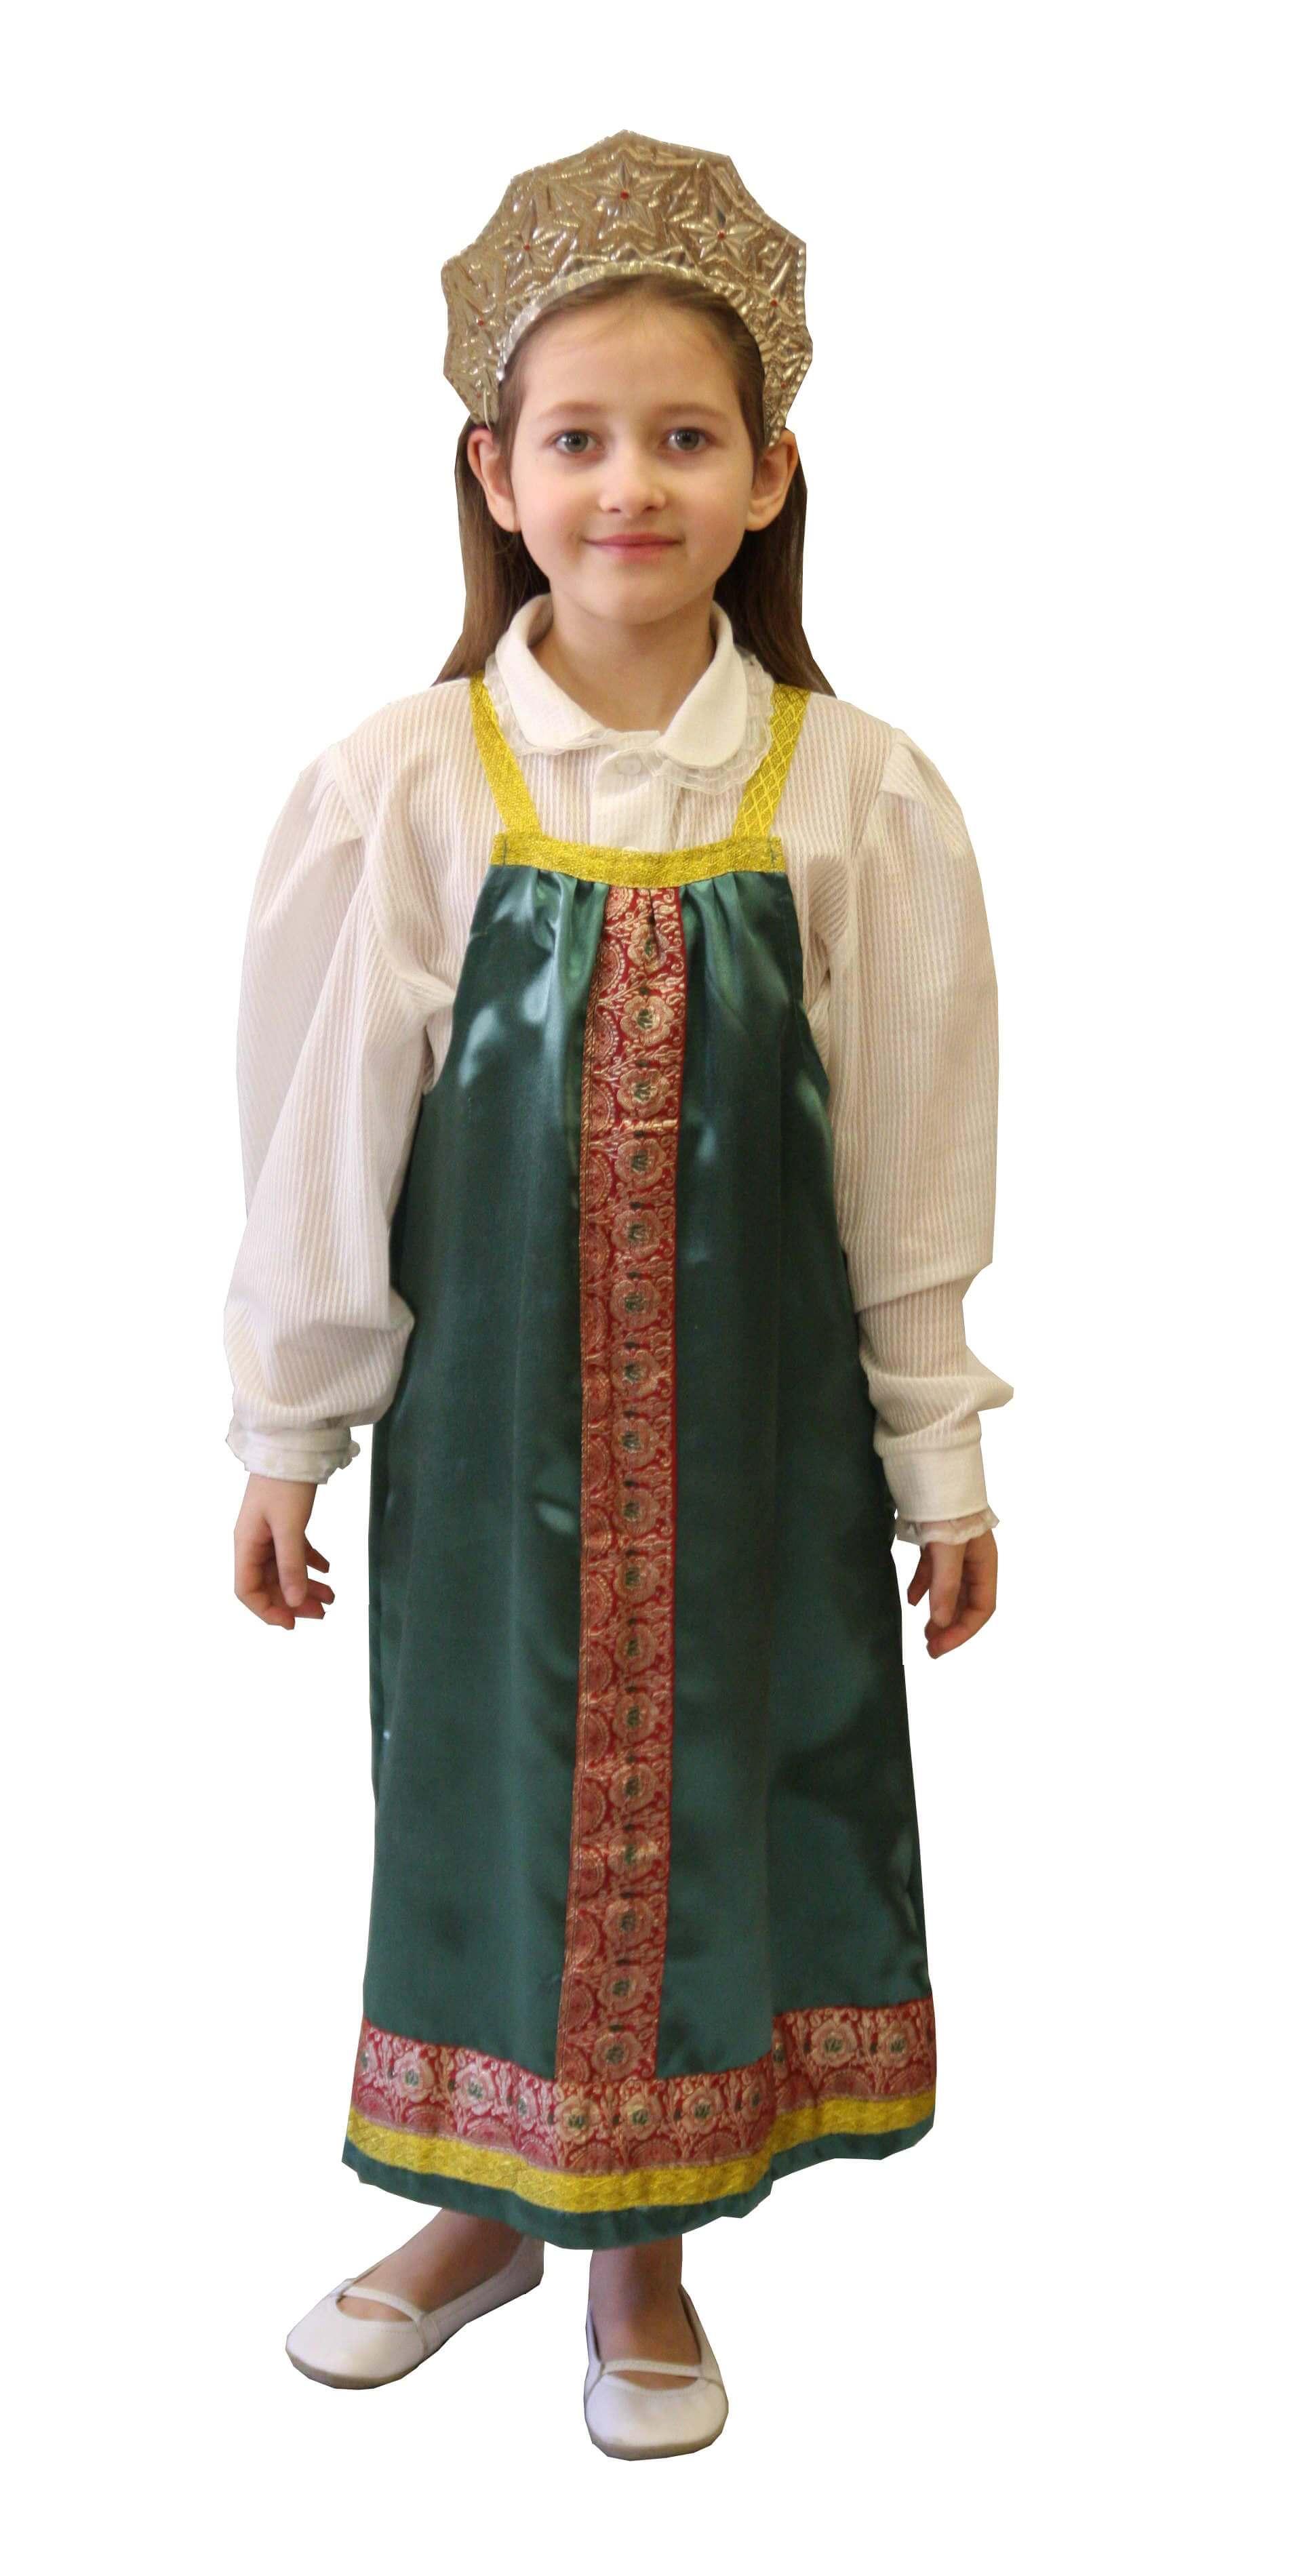 Rusaitės kostiumas. Tautų karnavaliniai kostiumai. Karnavaliniu kostiumu nuoma vaikams Vilniuje - pasakunamai.lt